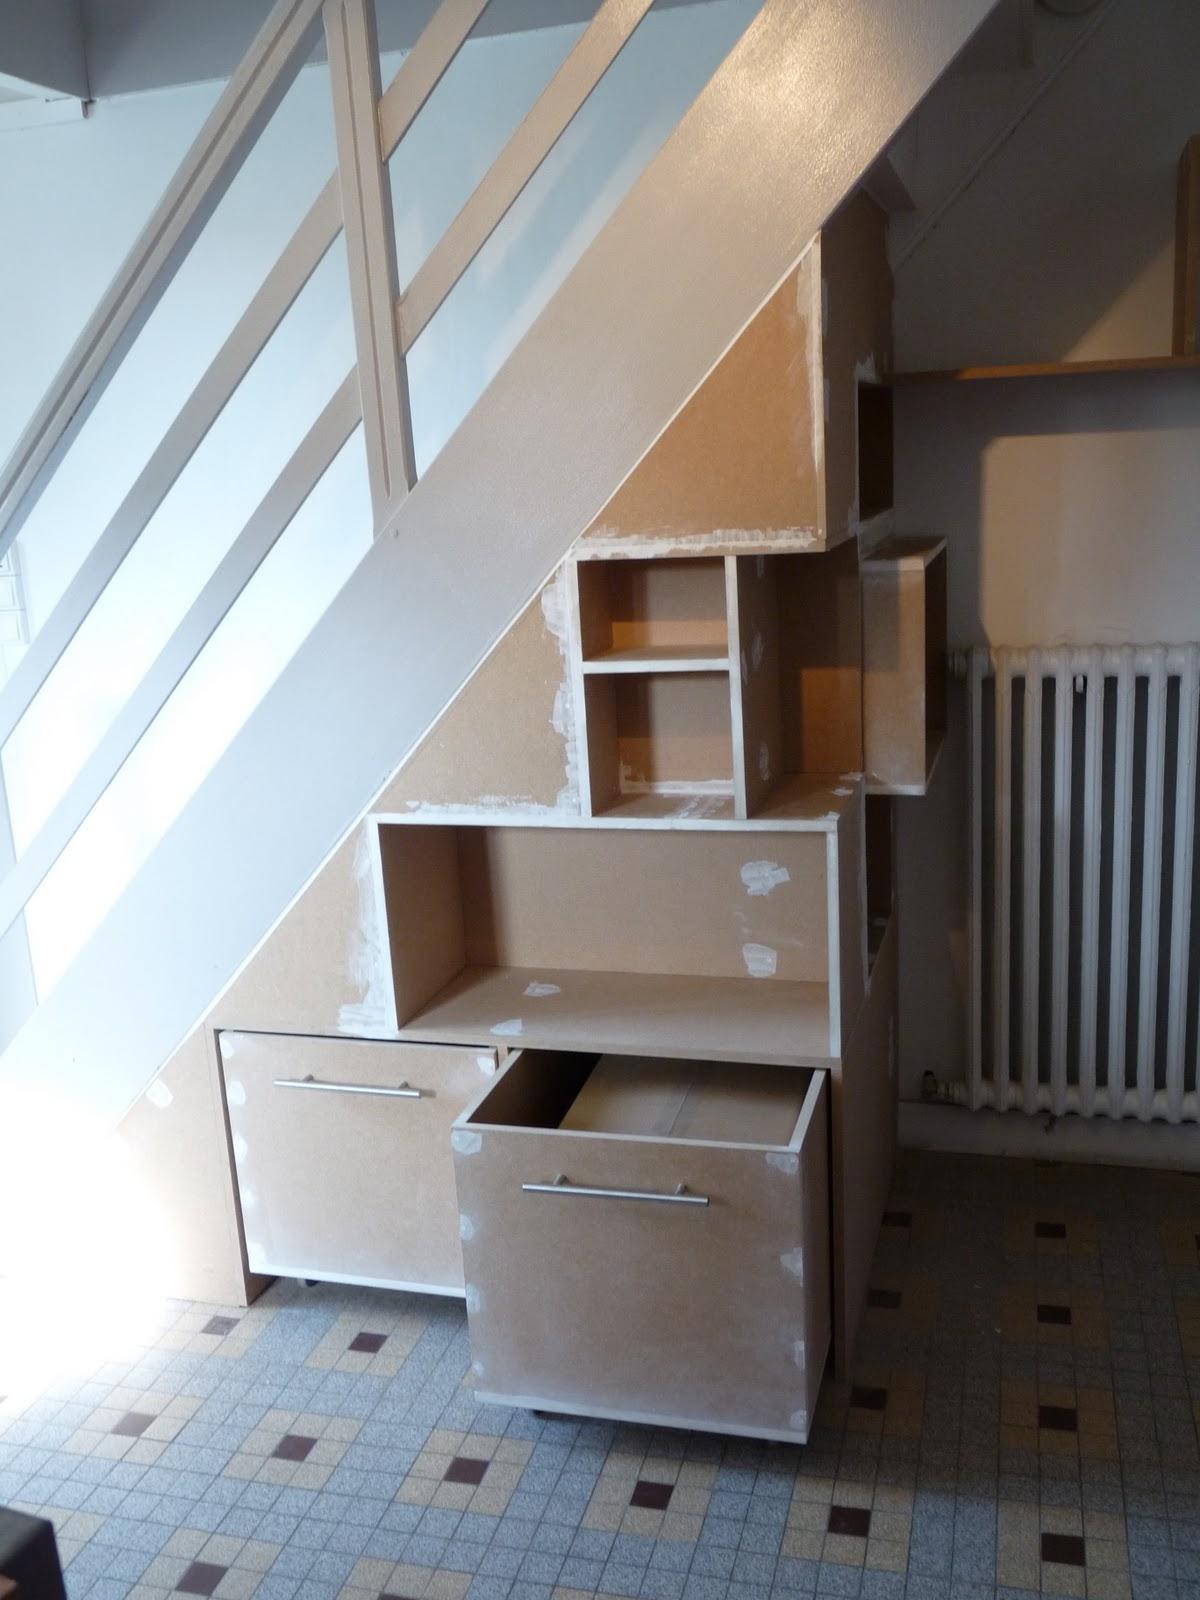 Fanny le gall d coration une biblioth que sous un escalier for Decoration sous escalier